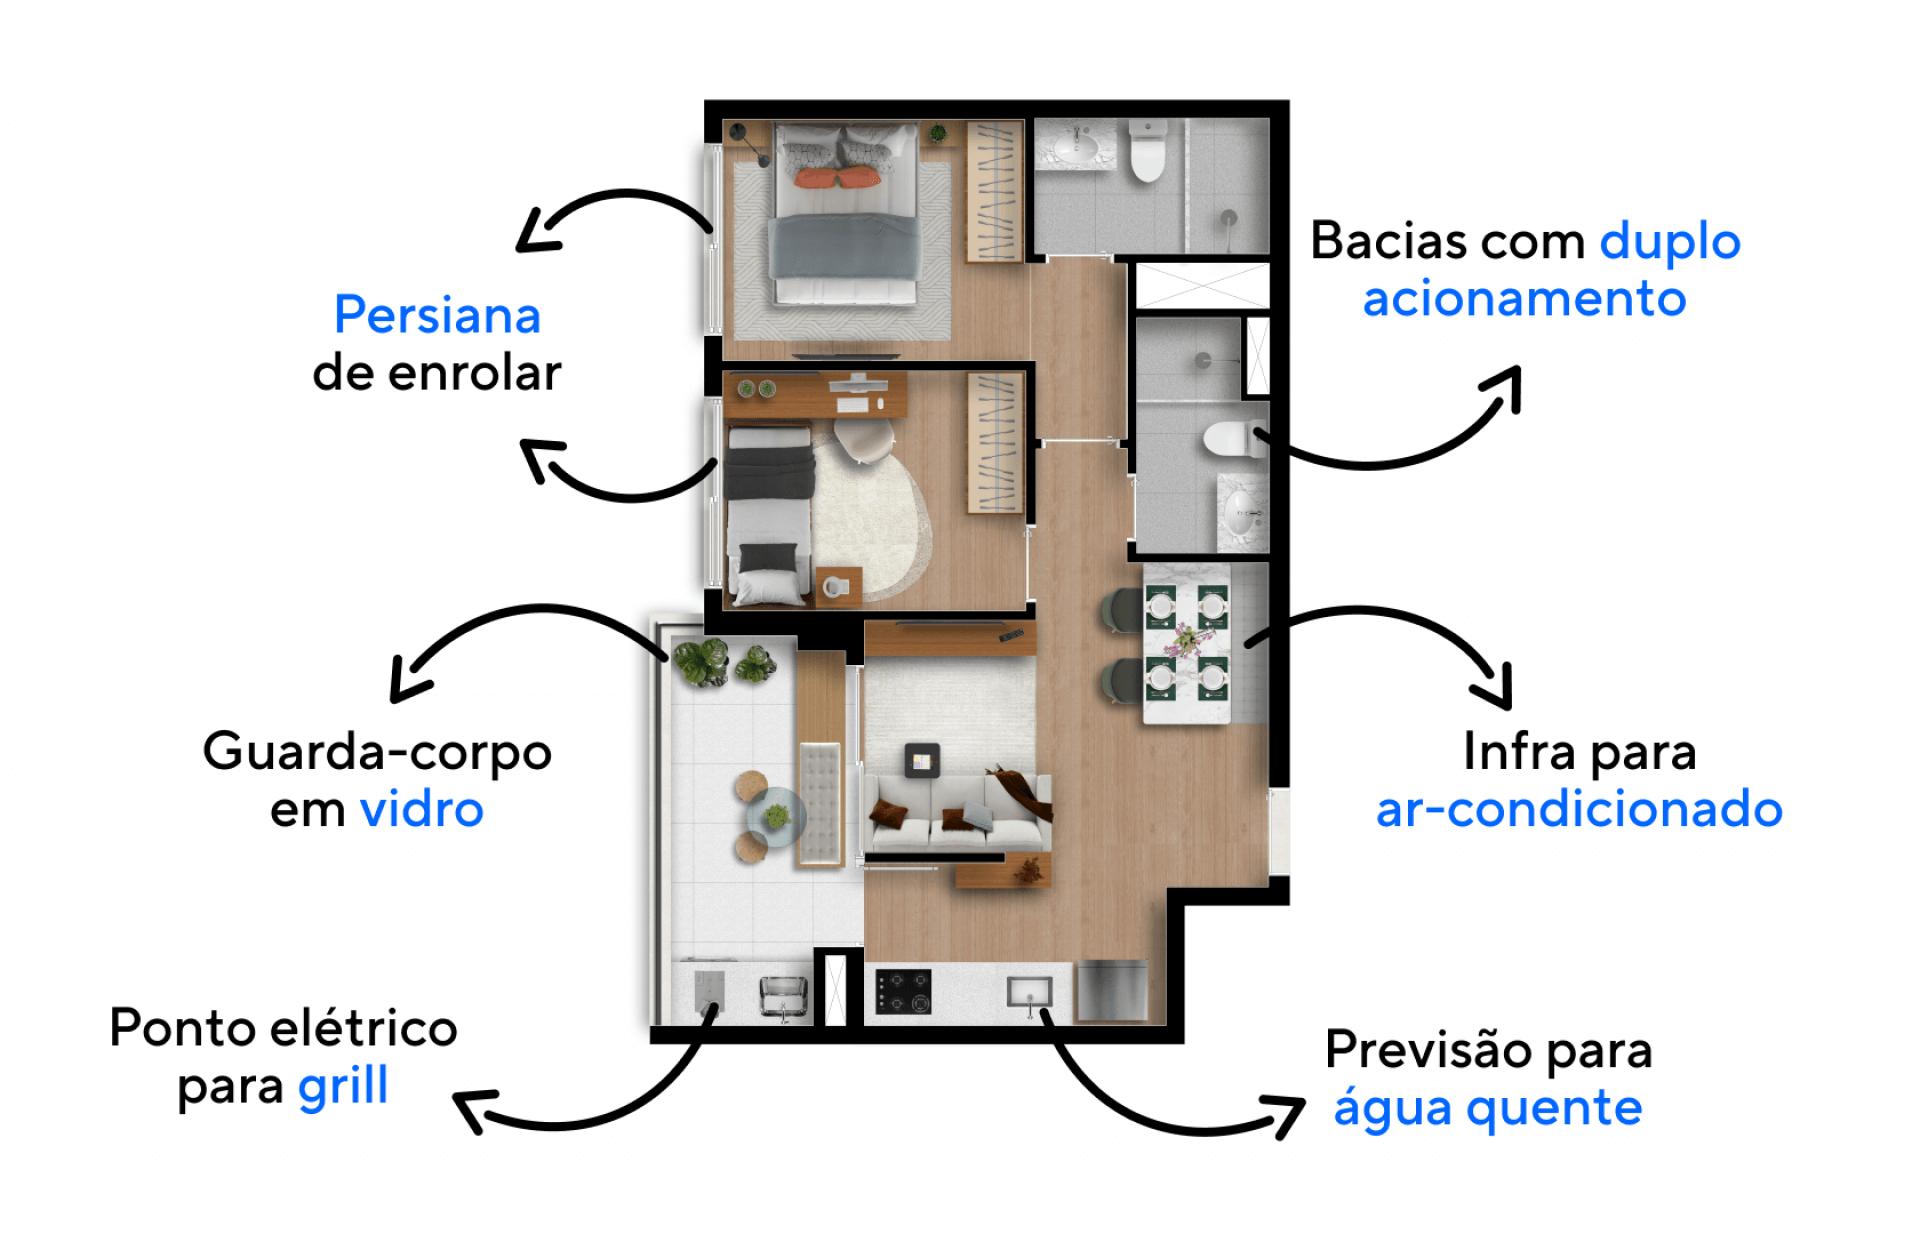 54 M² - 2 DORMITÓRIOS, SENDO 1 SUÍTE. Apartamentos com configuração funcional e prática para o dia a dia de uma família, contam com uma ampla área social que integra os espaços de jantar e estar, além de confortáveis dormitórios.